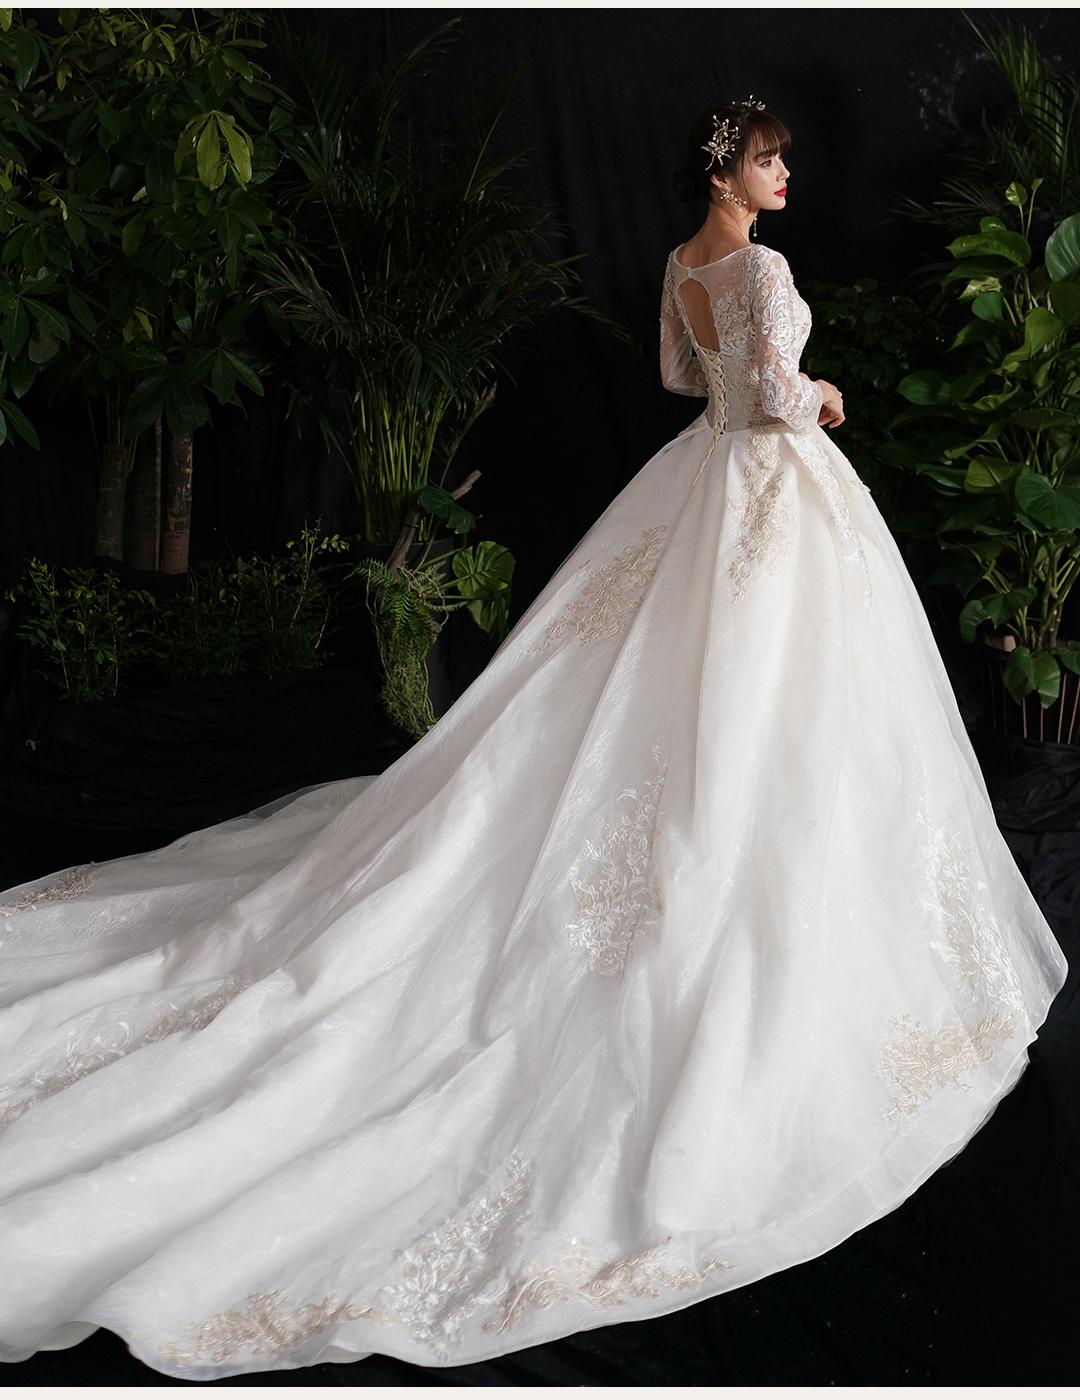 法式复古简约长袖婚纱